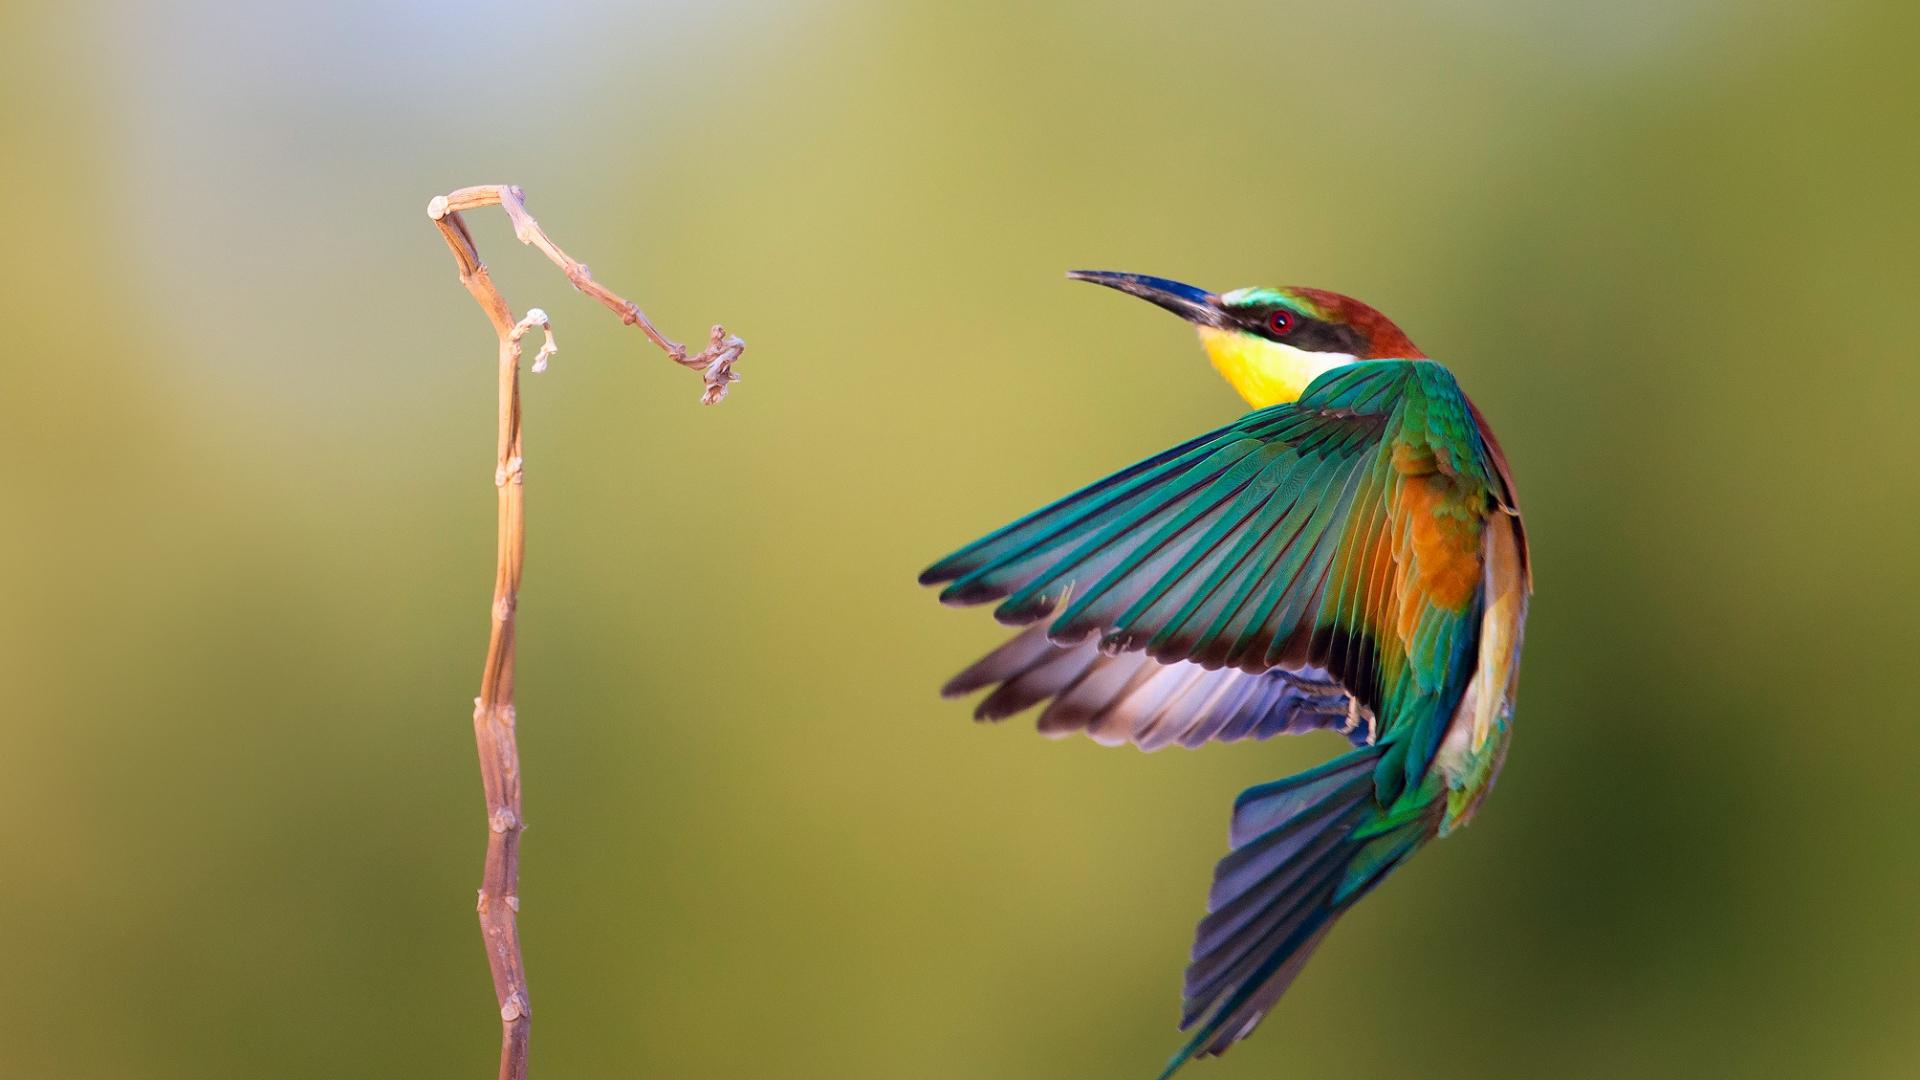 Pájaro de colores - 1920x1080